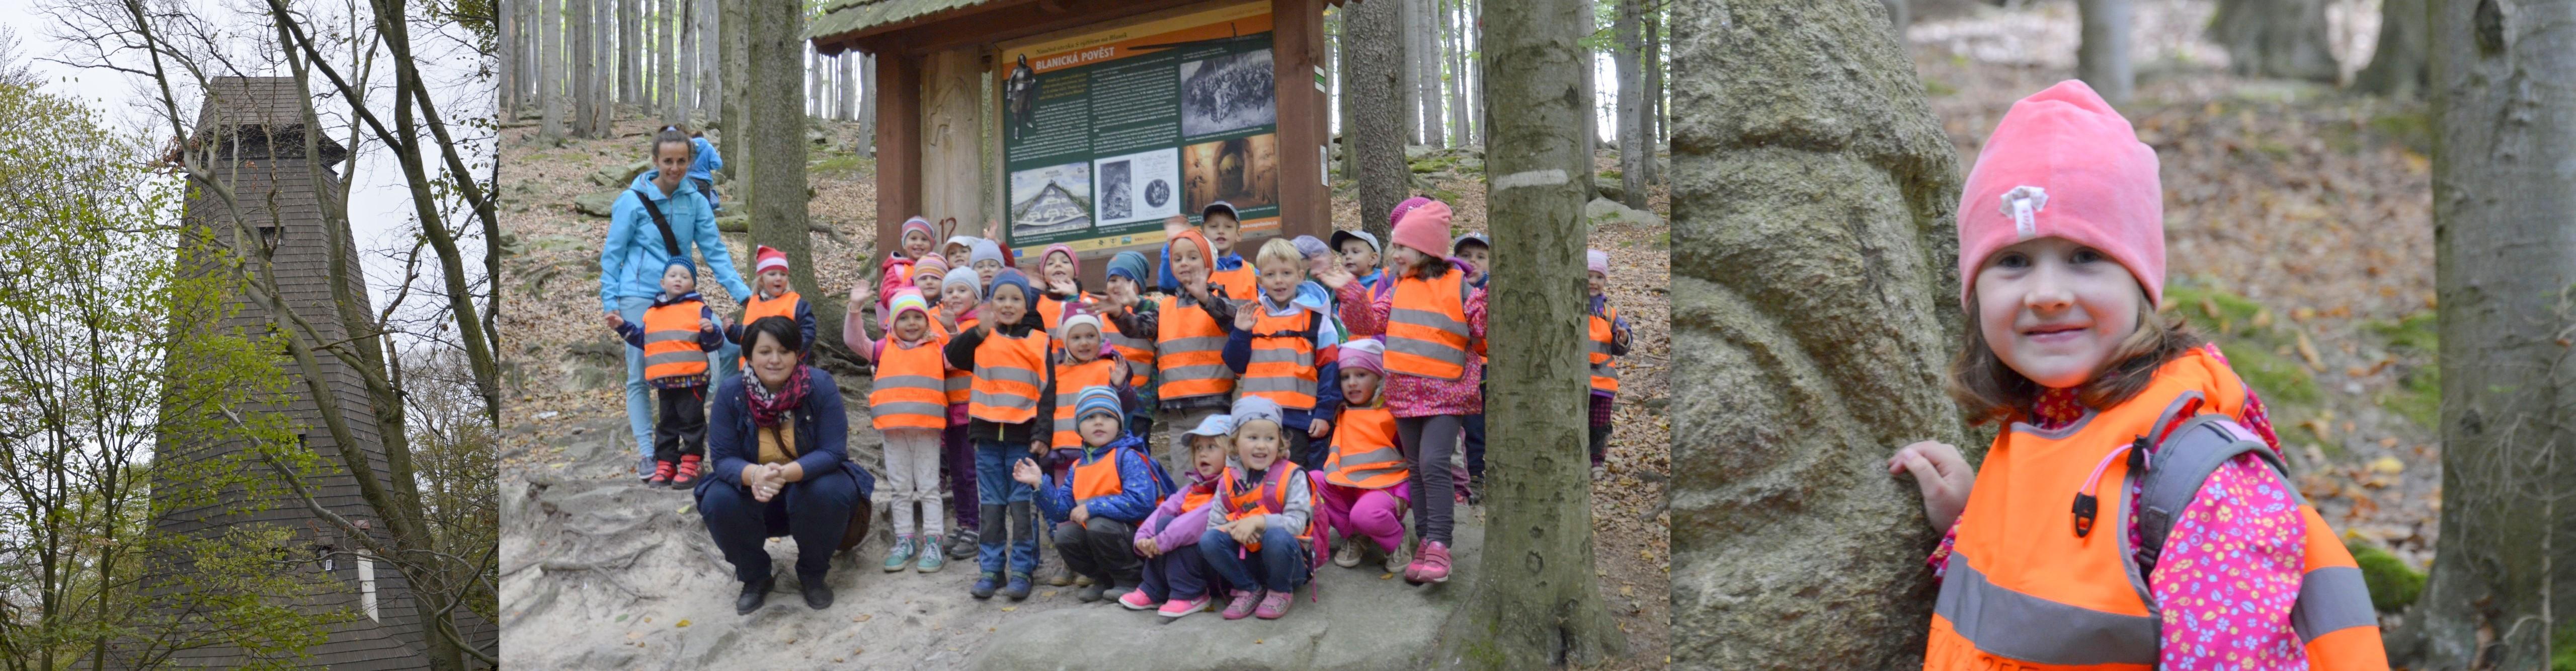 výlet mateřské školy MiniSvět